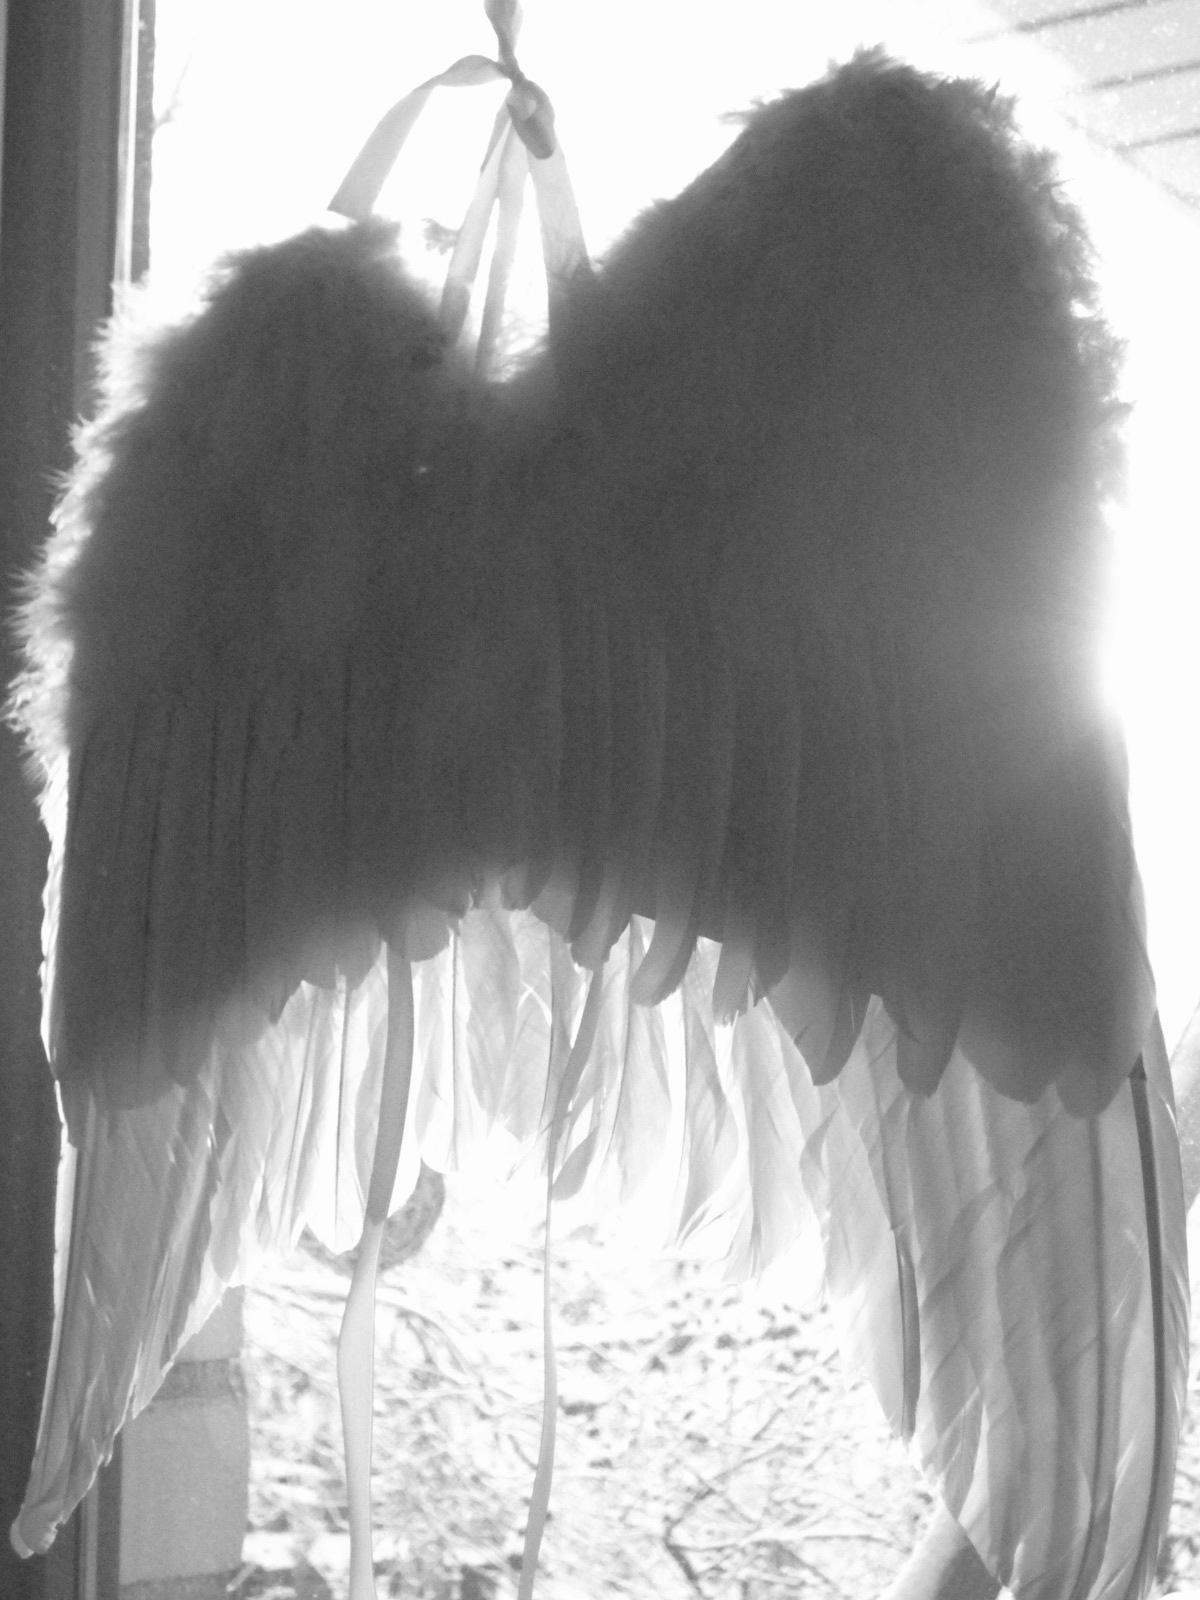 enkelin viesti valkoisen liekin voima Nurmes